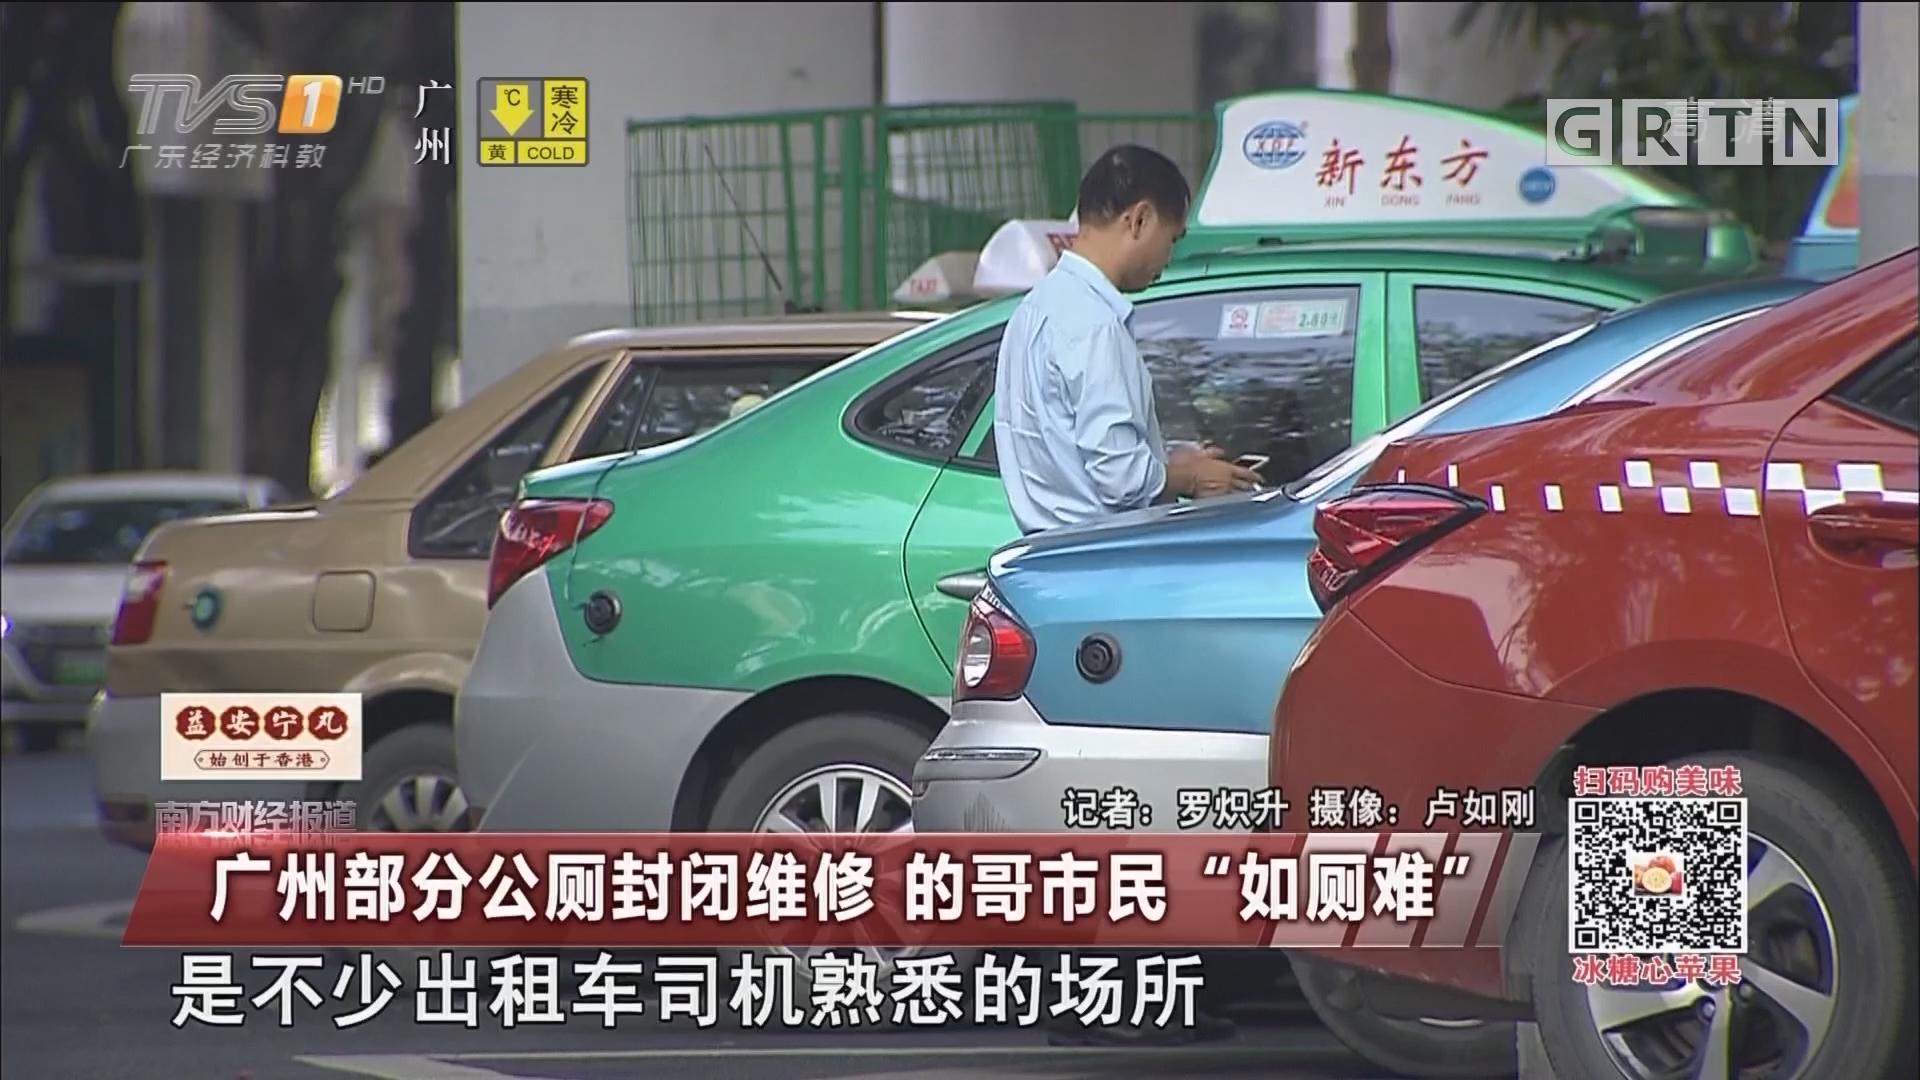 """广州部分公厕封闭维修 的哥市民""""如厕难"""""""